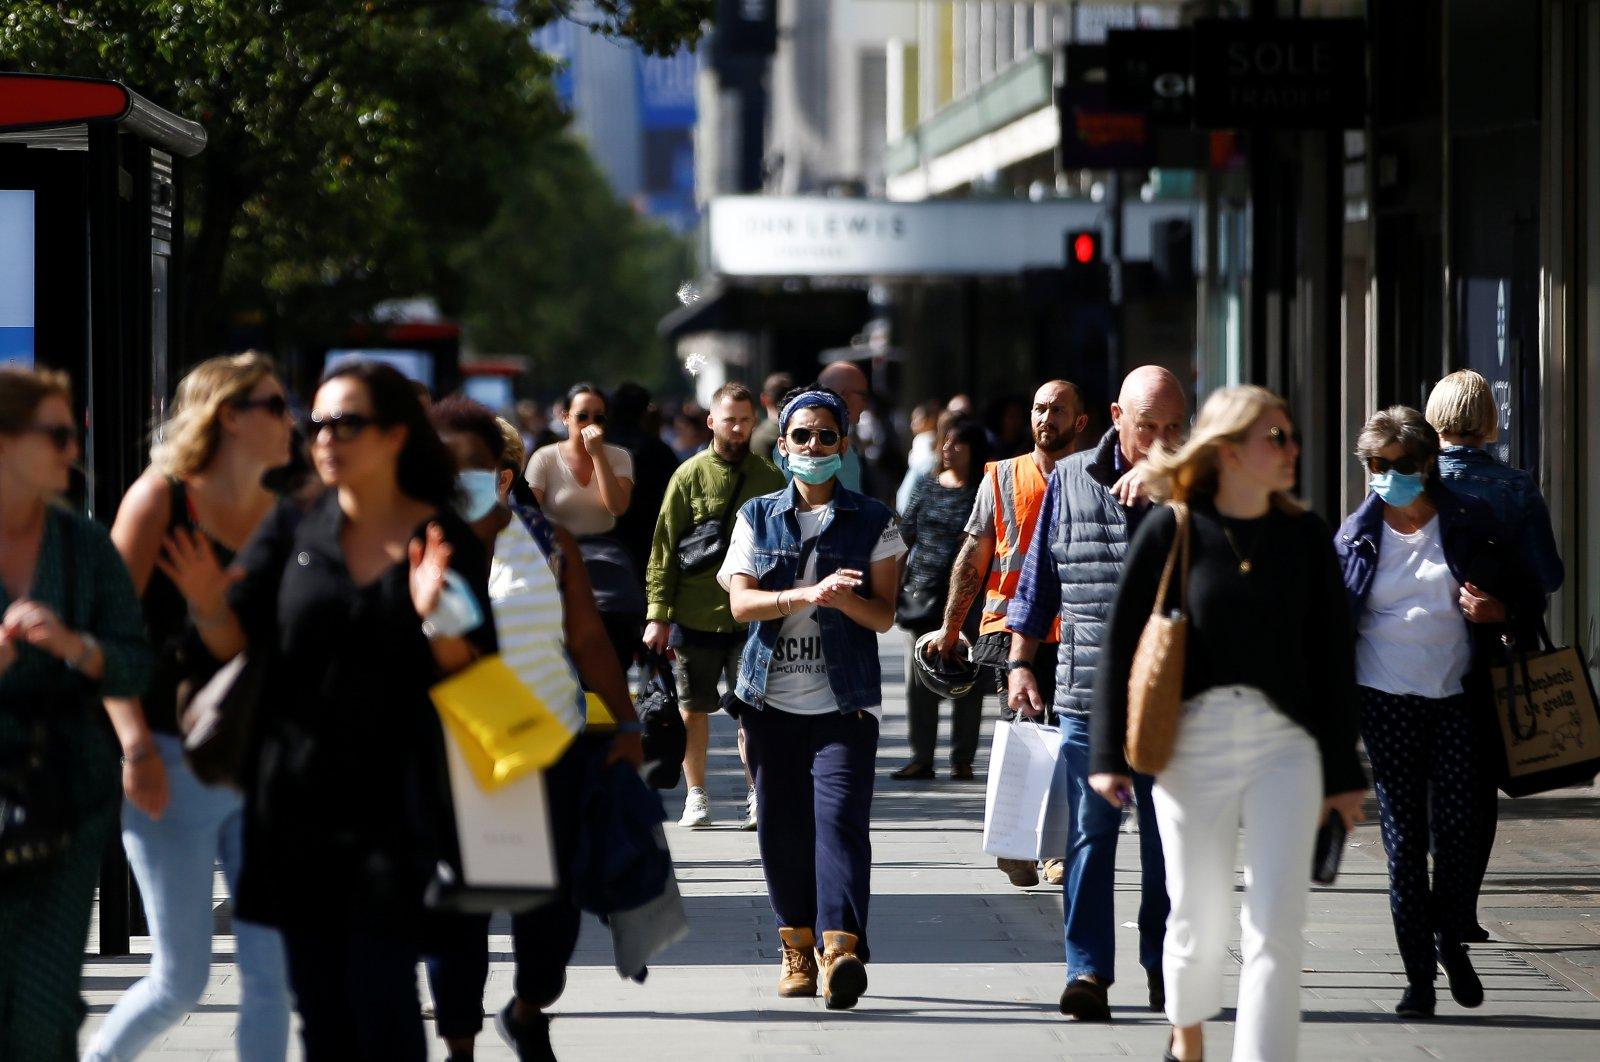 Pedestrians walk along Oxford Street, London, Sept. 17, 2020. (REUTERS Photo)